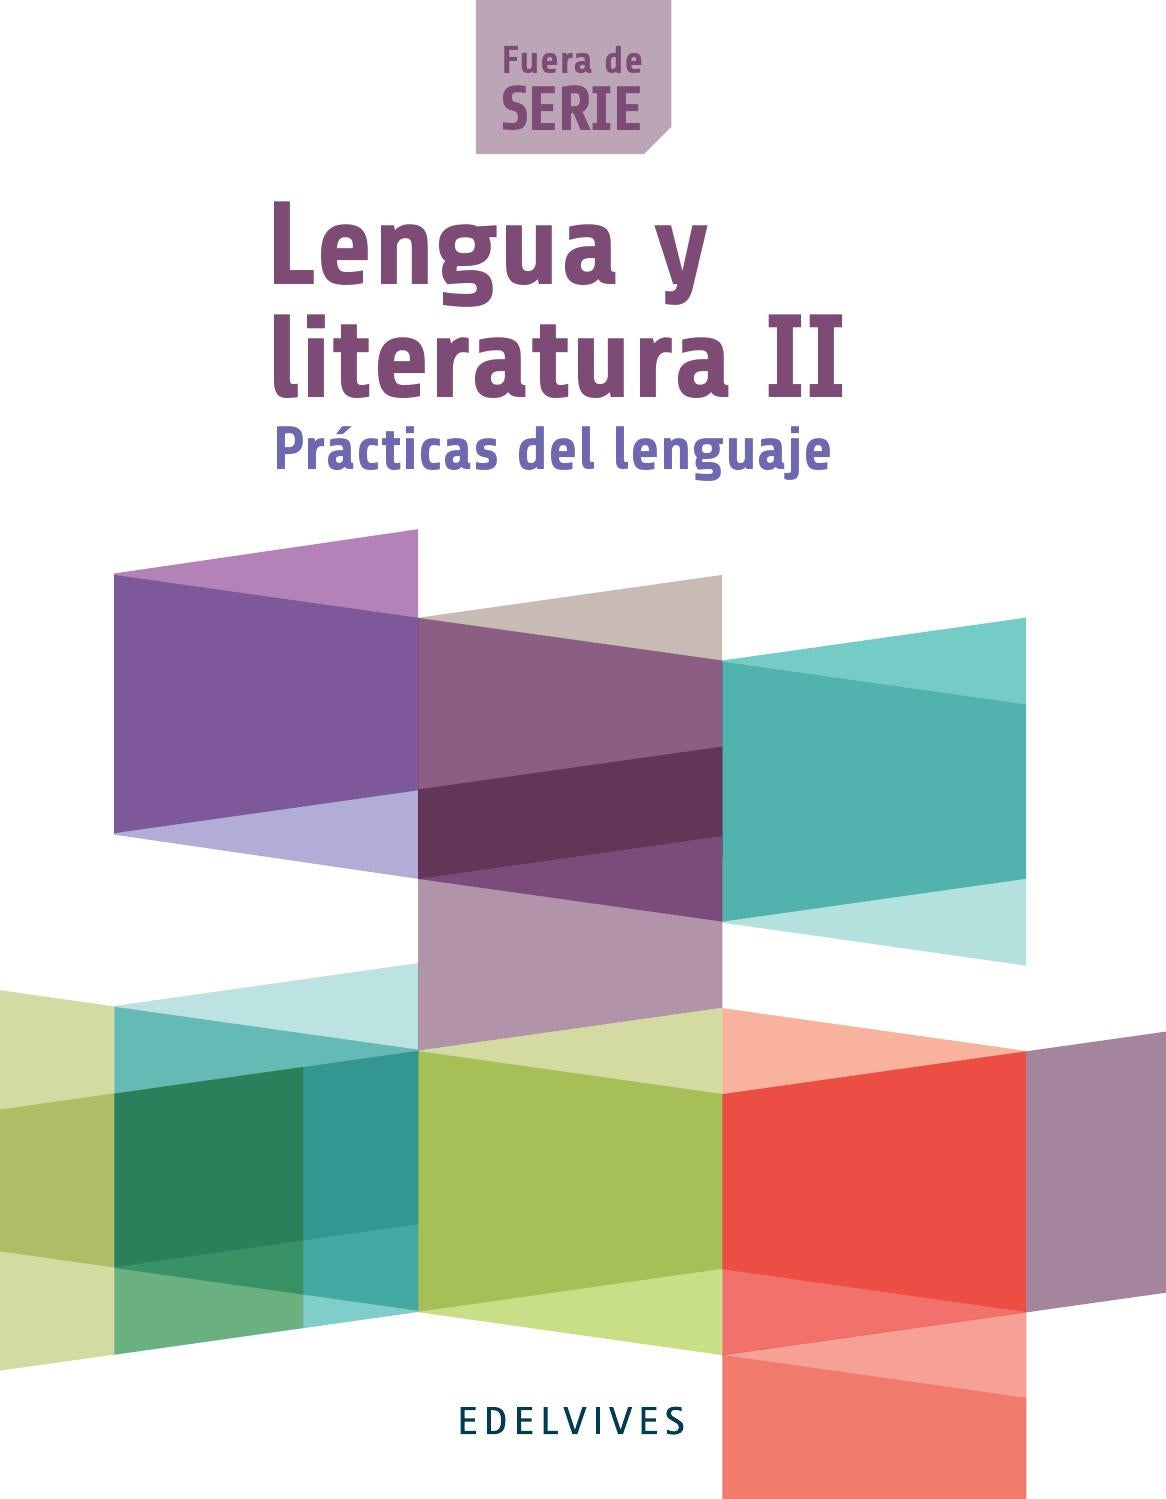 Lengua y literatura ii fuera de serie libro del alumno for Fuera de serie libro